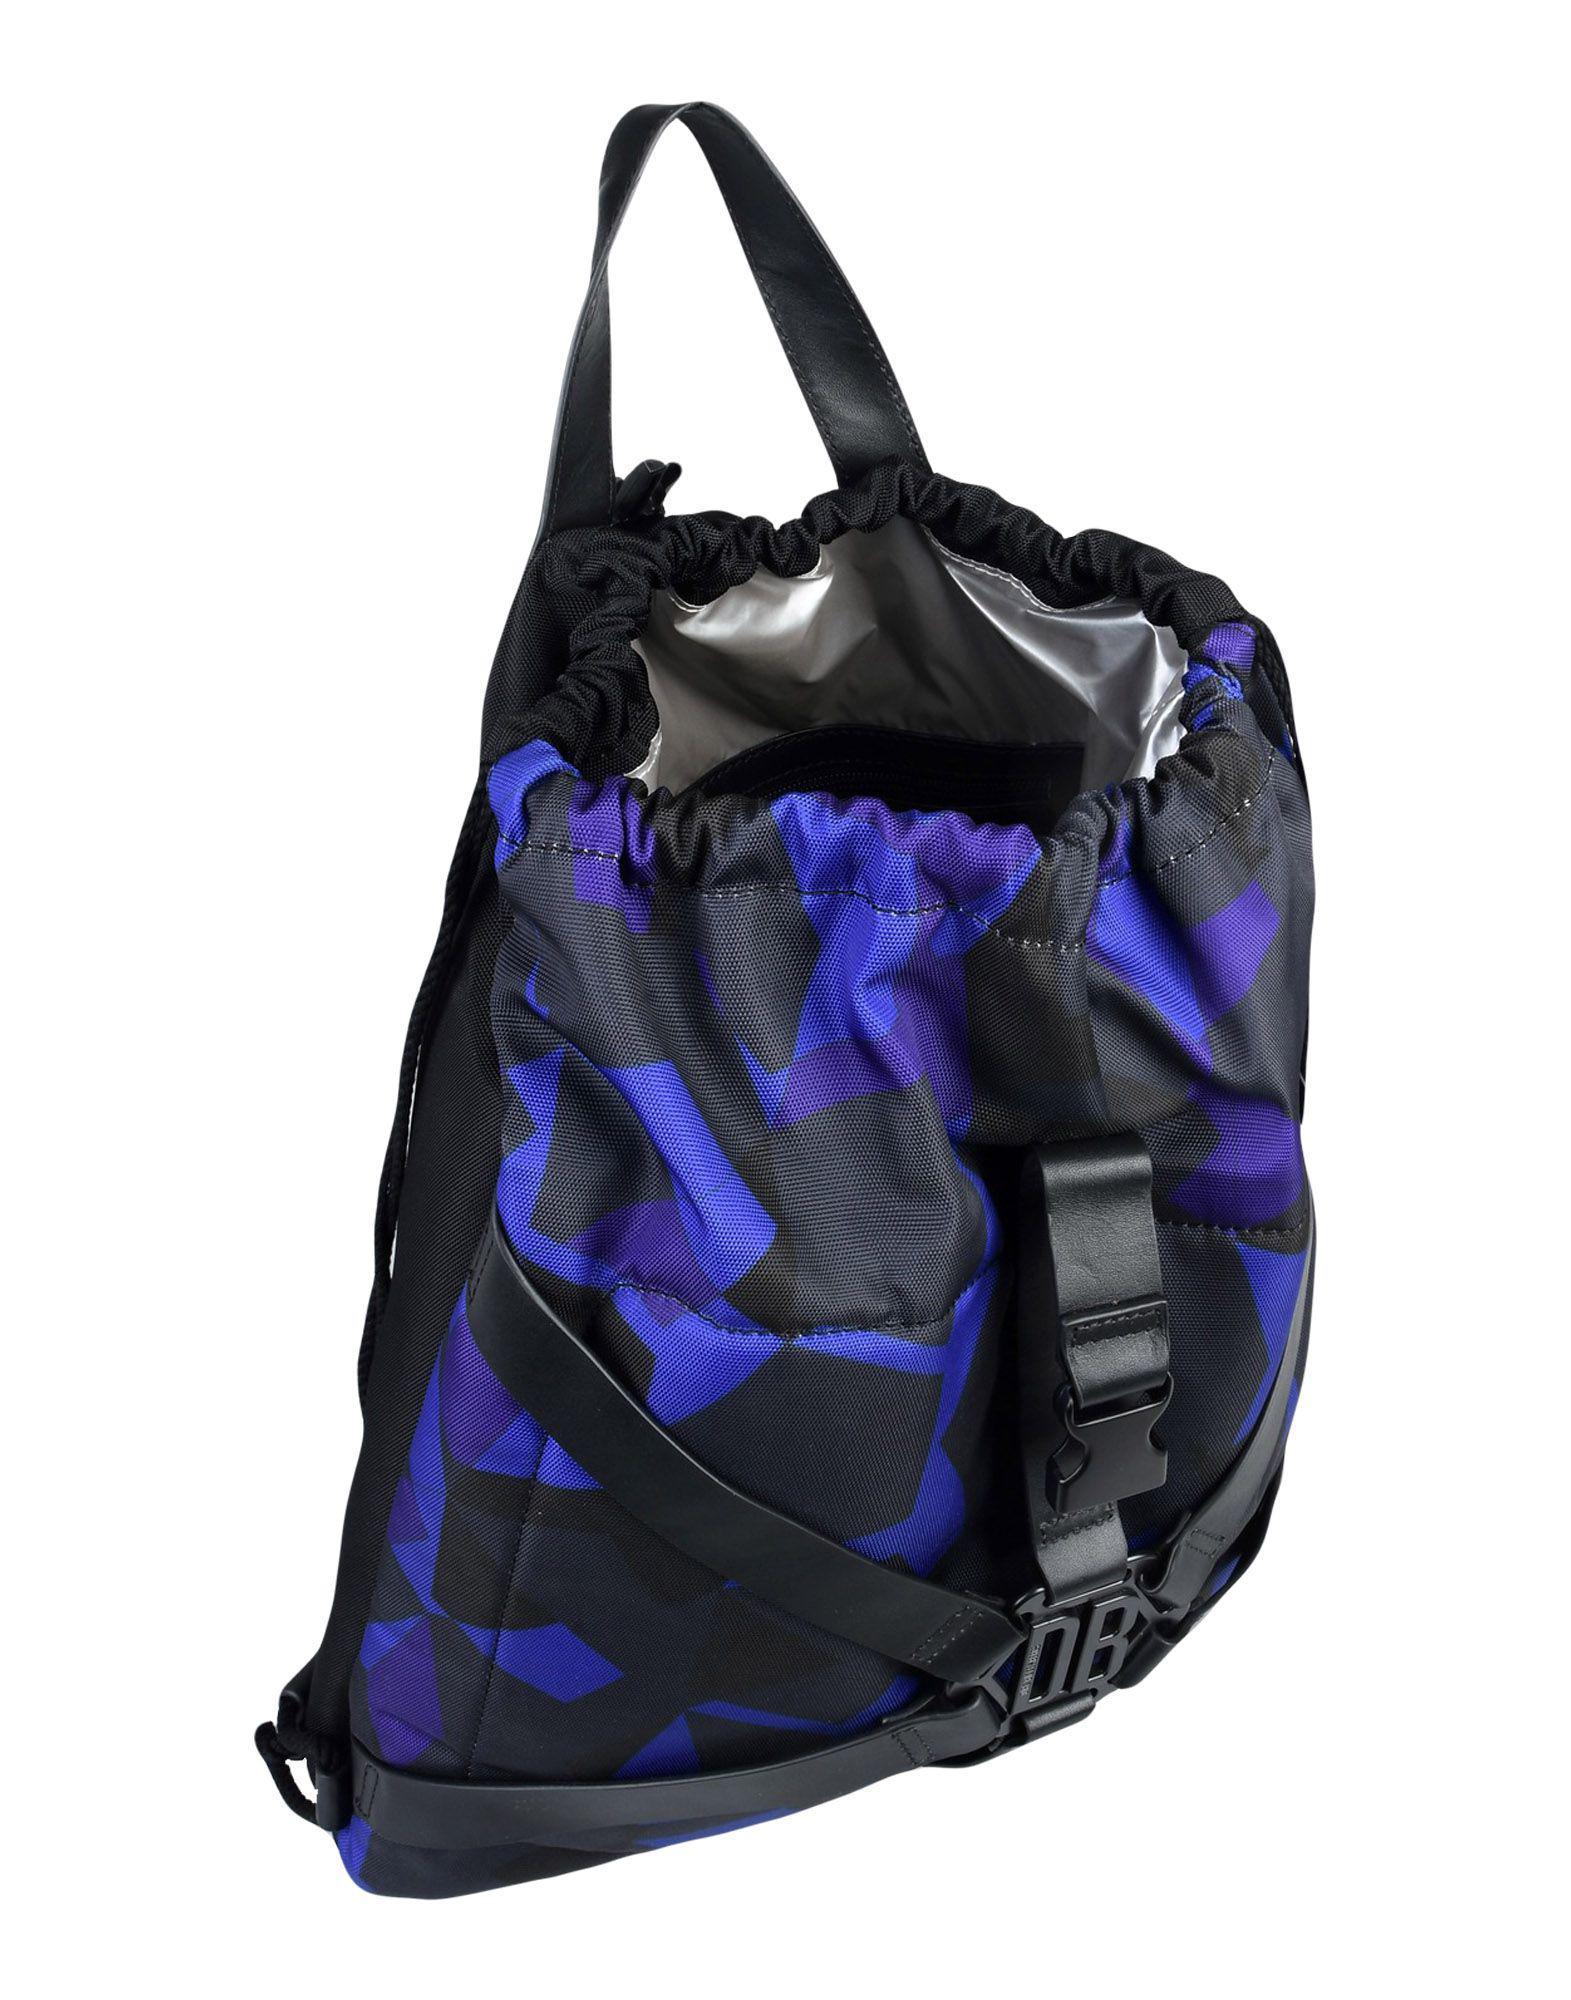 Bikkembergs Synthetic Backpacks & Fanny Packs in Bright Blue (Blue) for Men